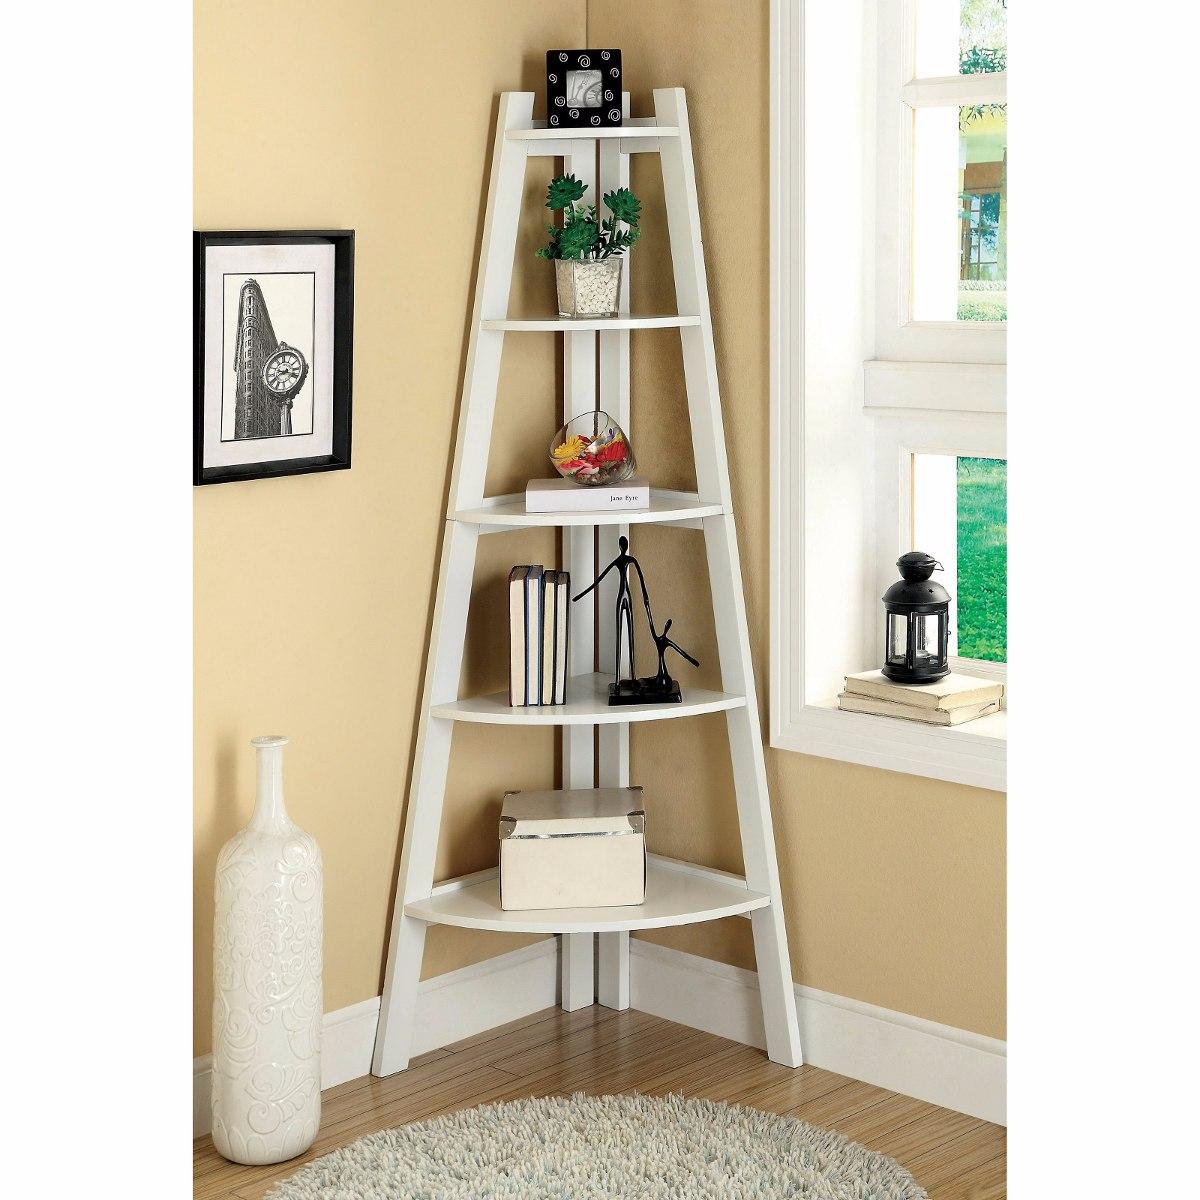 Estante escada prateleira cantoneira mdf branco 15mm r - Scala decorativa ikea ...